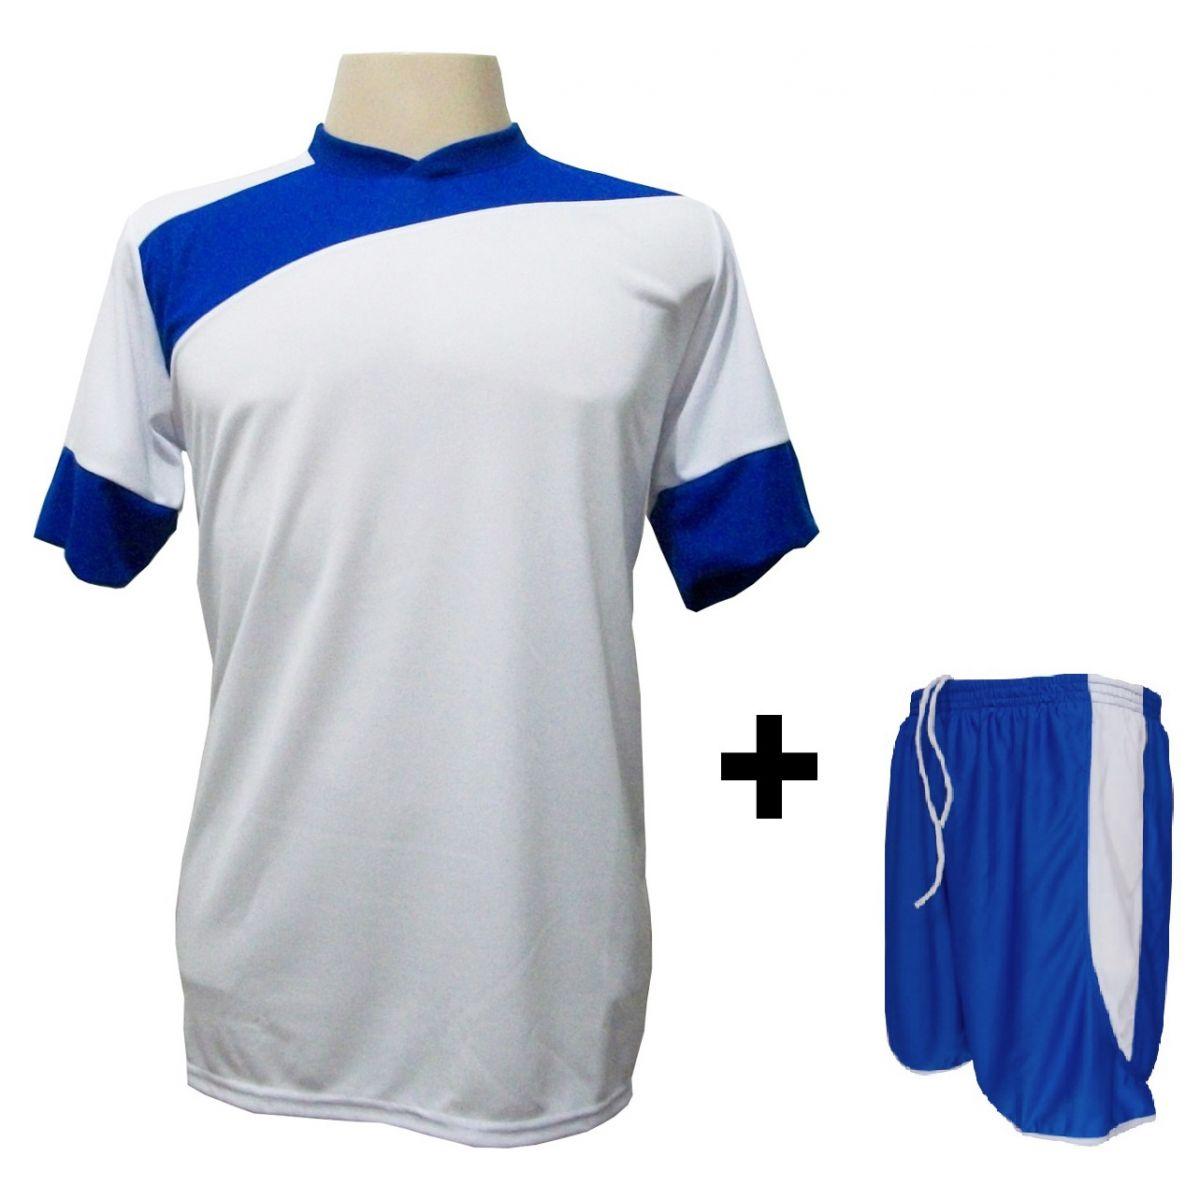 Uniforme Esportivo com 14 camisas modelo Sporting Branco/Royal + 14 calções modelo Copa + 1 Goleiro + Brindes